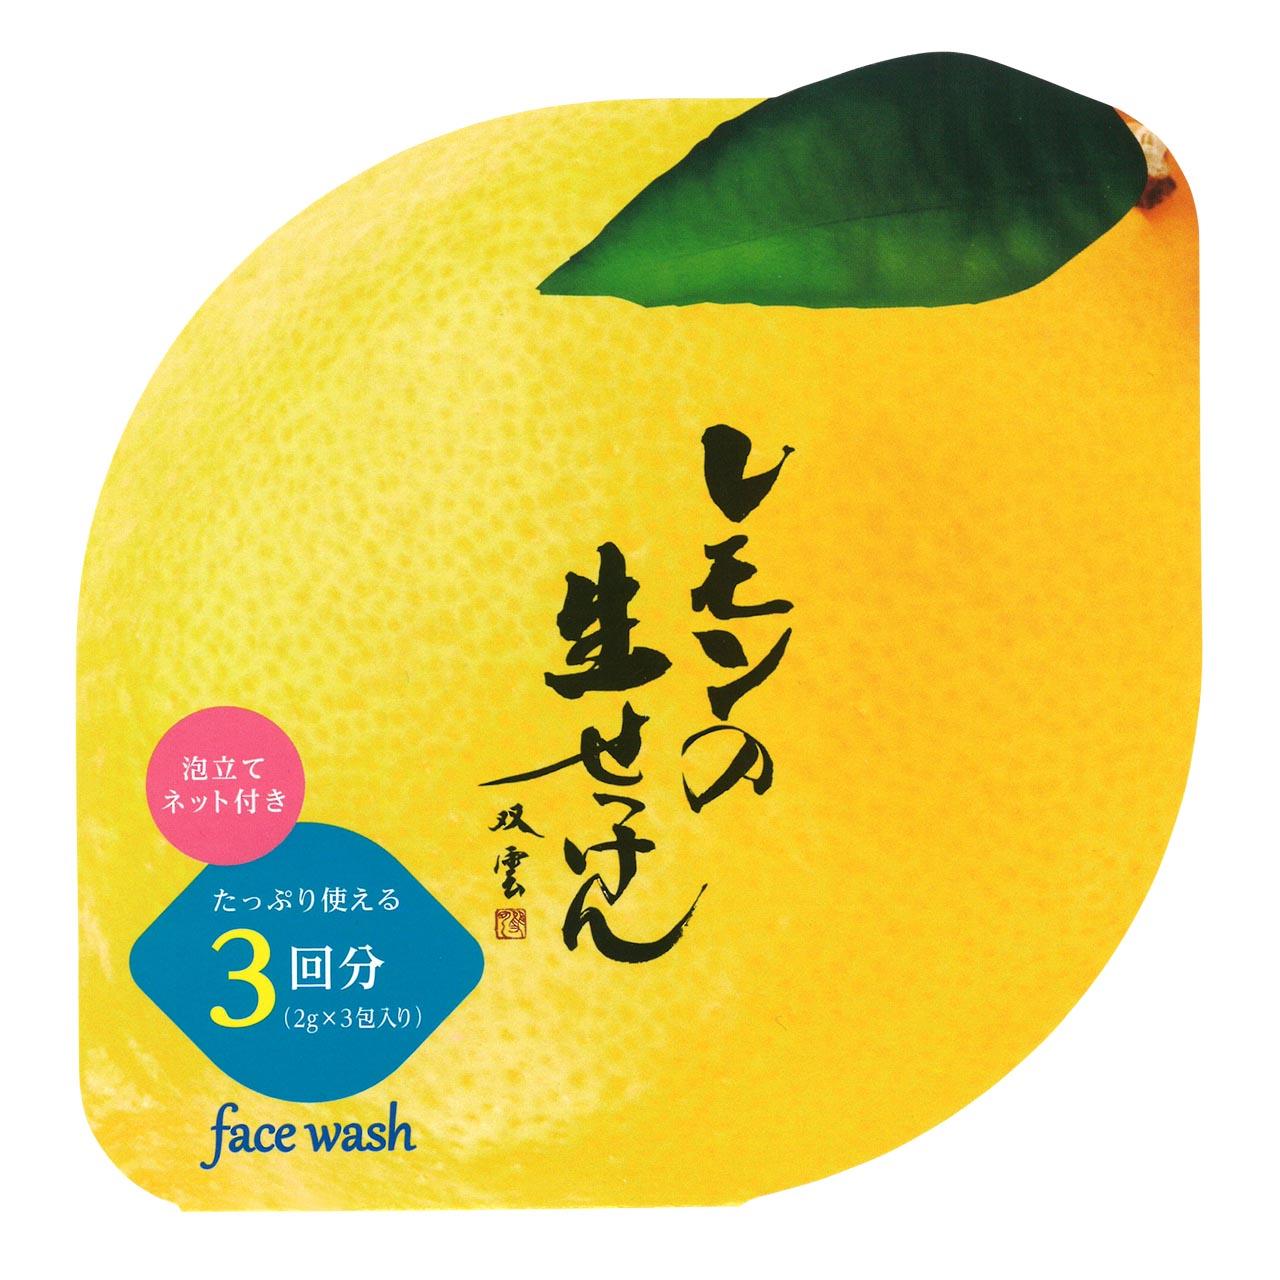 ■NEW■美香柑〜レモンの生せっけん(泡立てネット付)